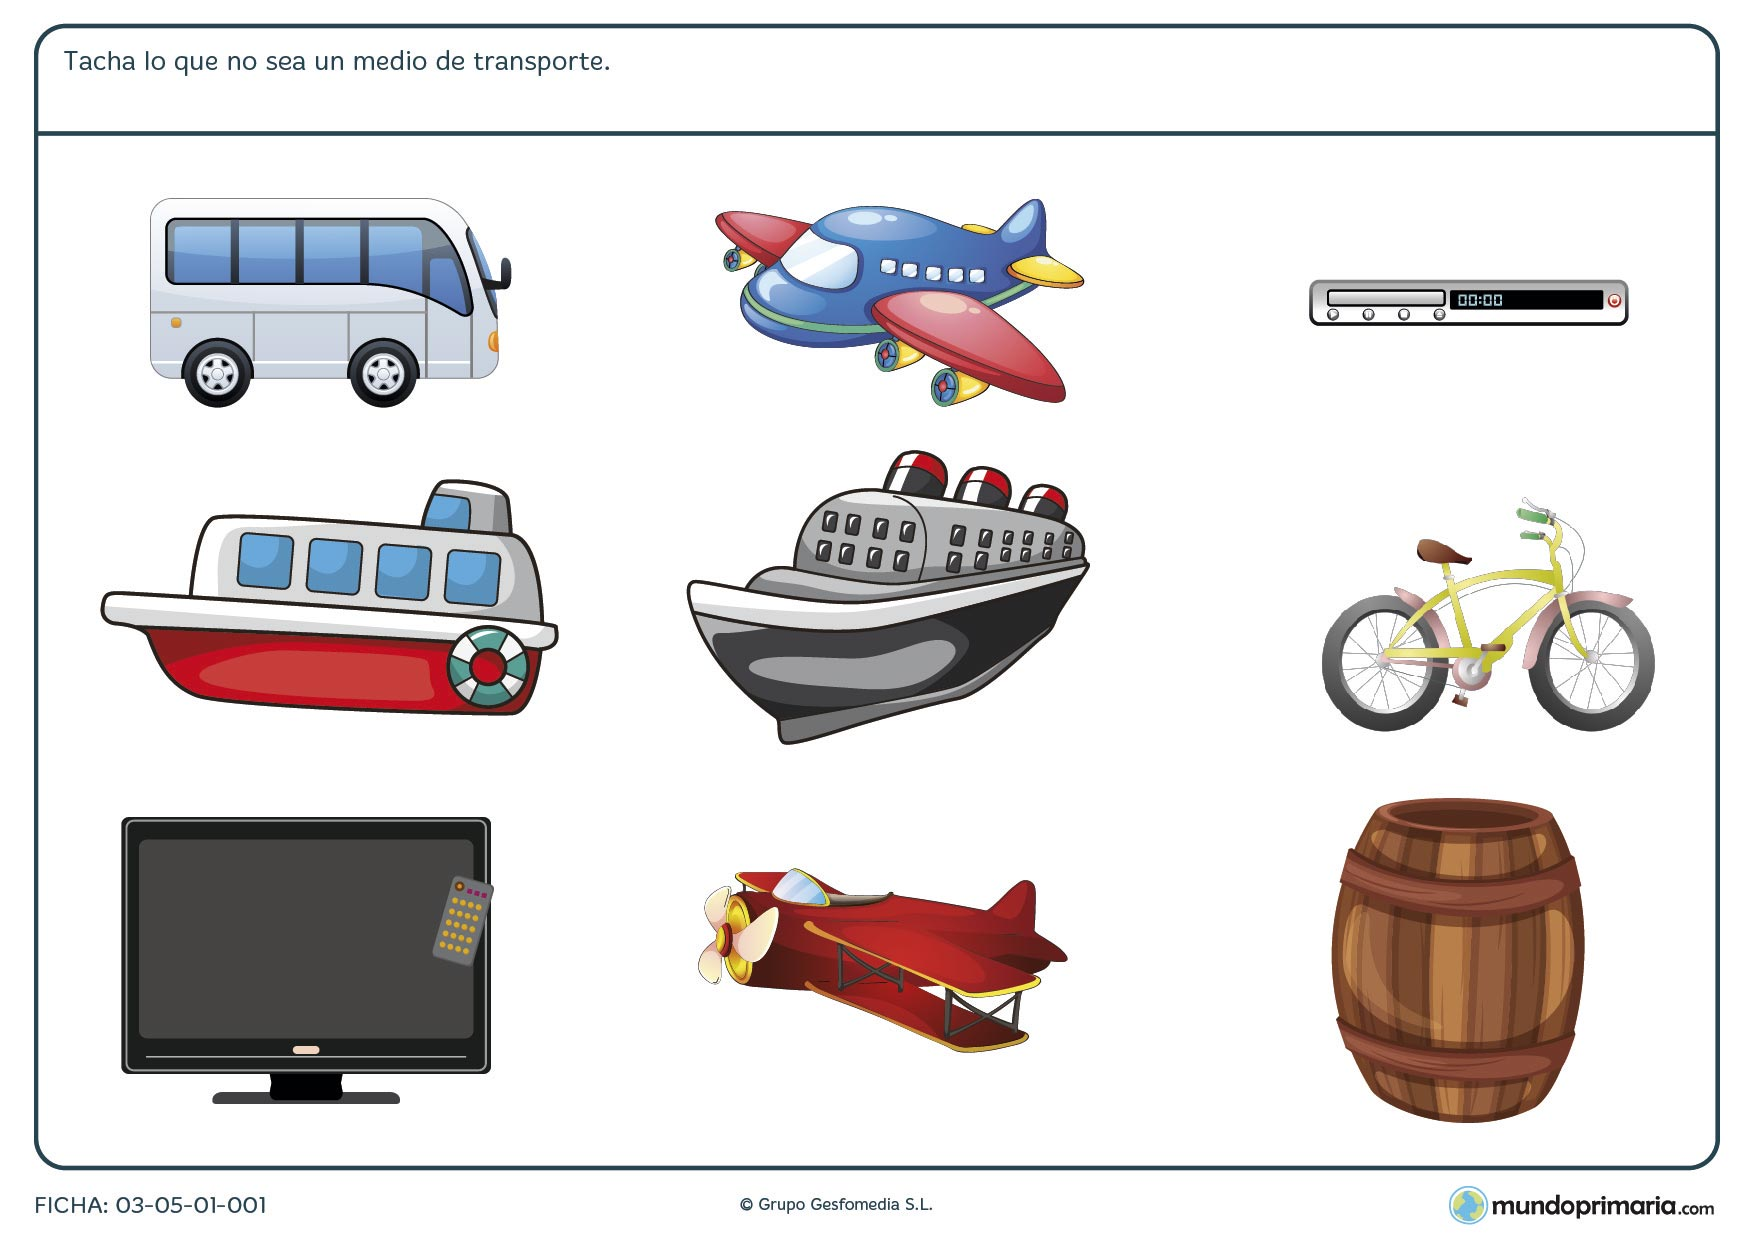 Ficha de medios de transporte en la que tienes que señalar entre varias imágenes cuales corresponden a medios de transporte.